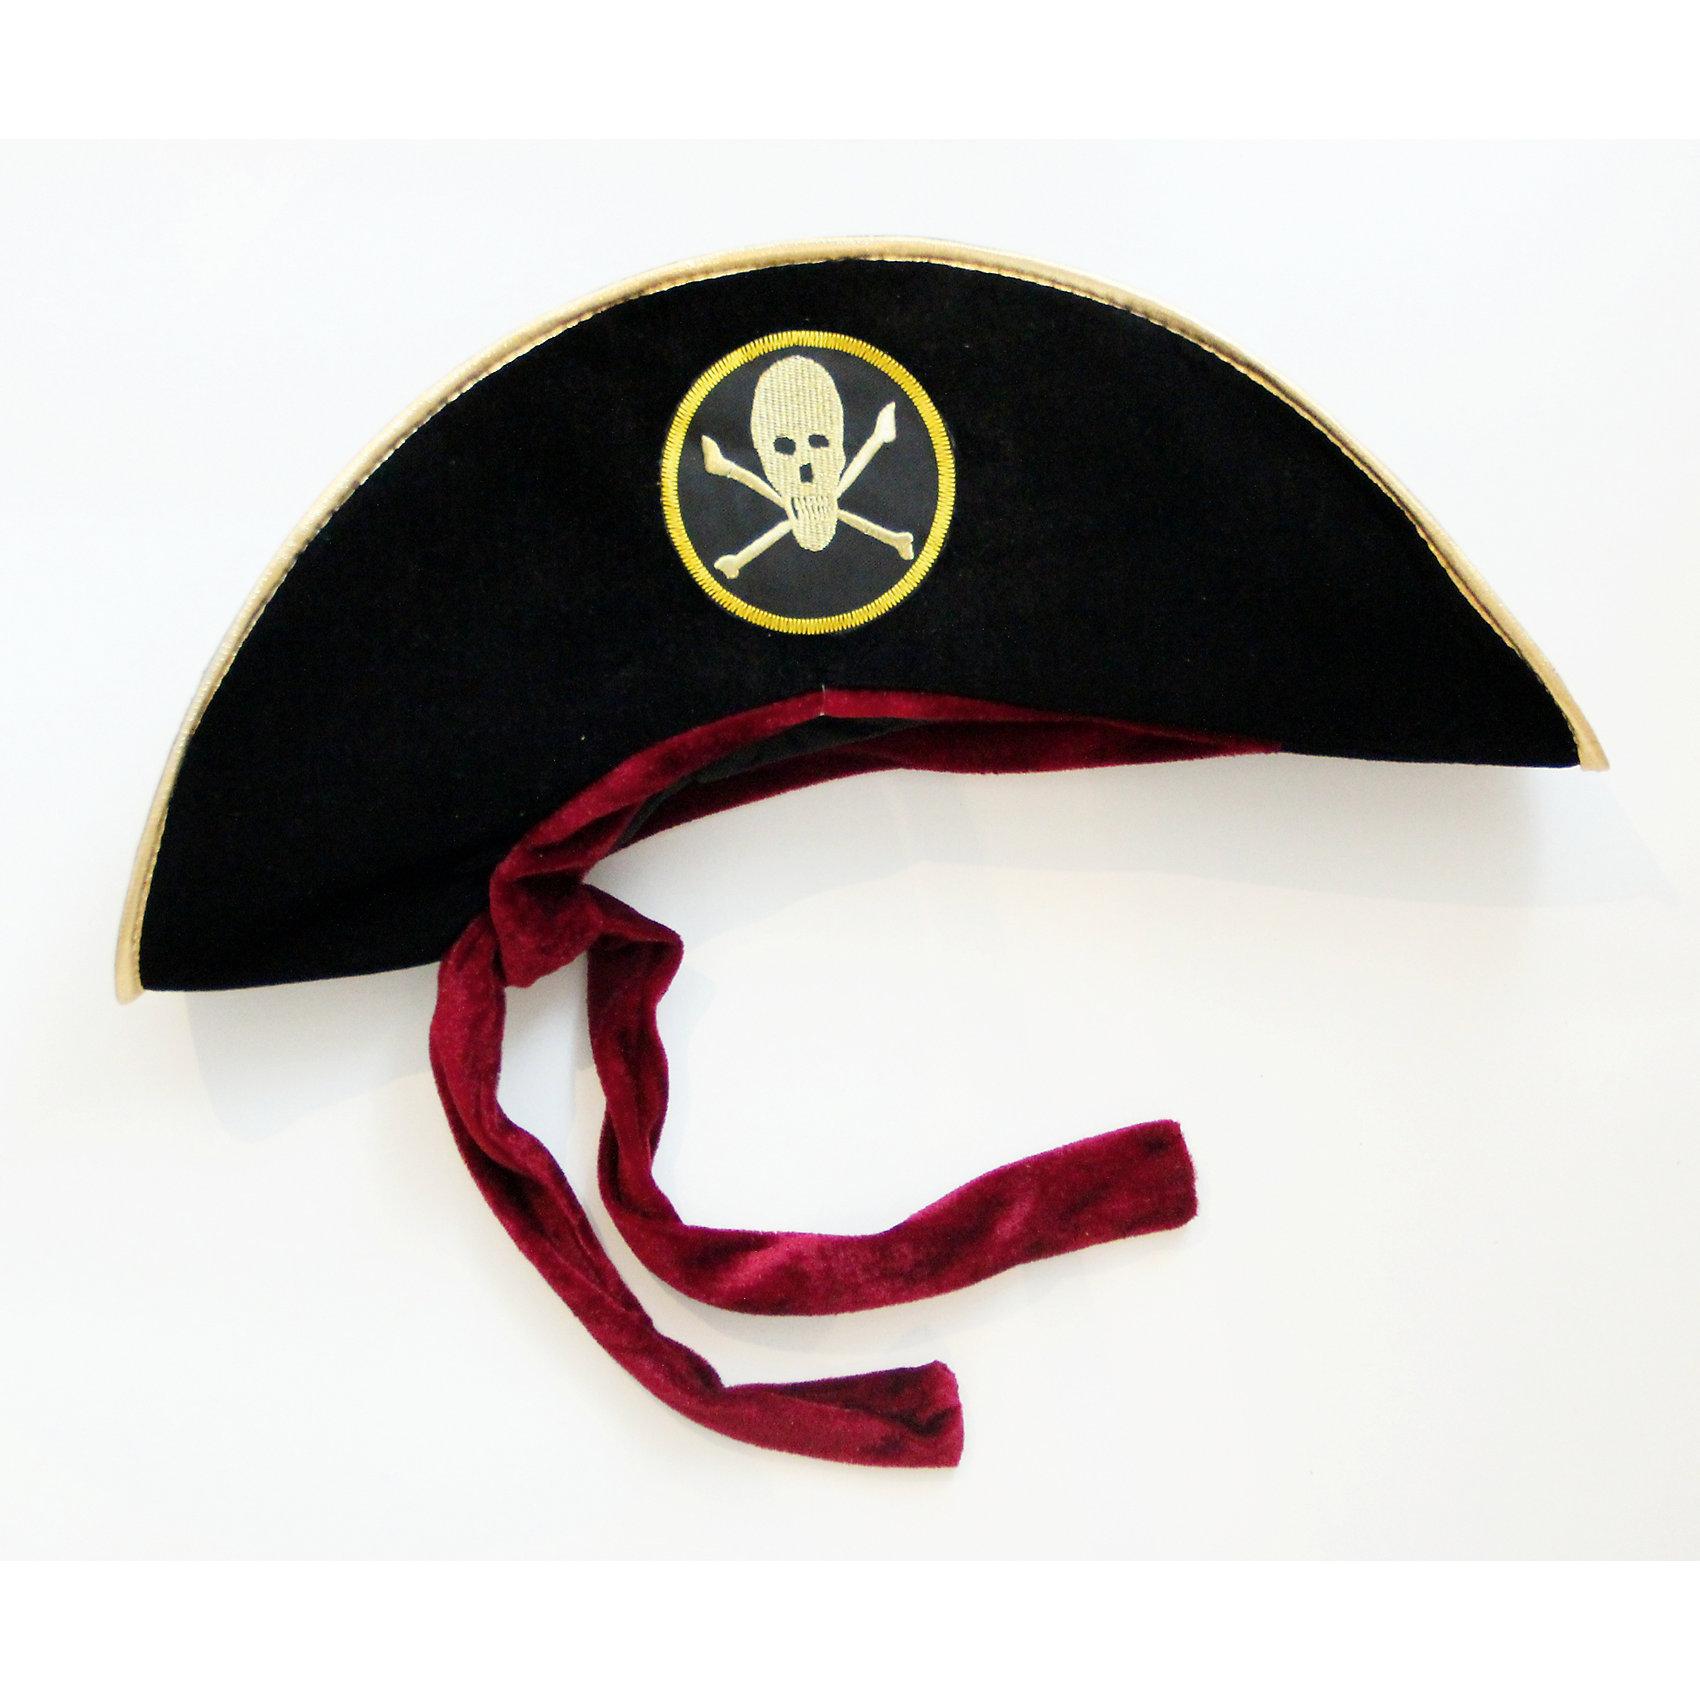 Маскарадная шляпа ПиратДетские шляпы и колпаки<br><br><br>Ширина мм: 180<br>Глубина мм: 220<br>Высота мм: 120<br>Вес г: 63<br>Возраст от месяцев: 24<br>Возраст до месяцев: 2147483647<br>Пол: Унисекс<br>Возраст: Детский<br>SKU: 7129000